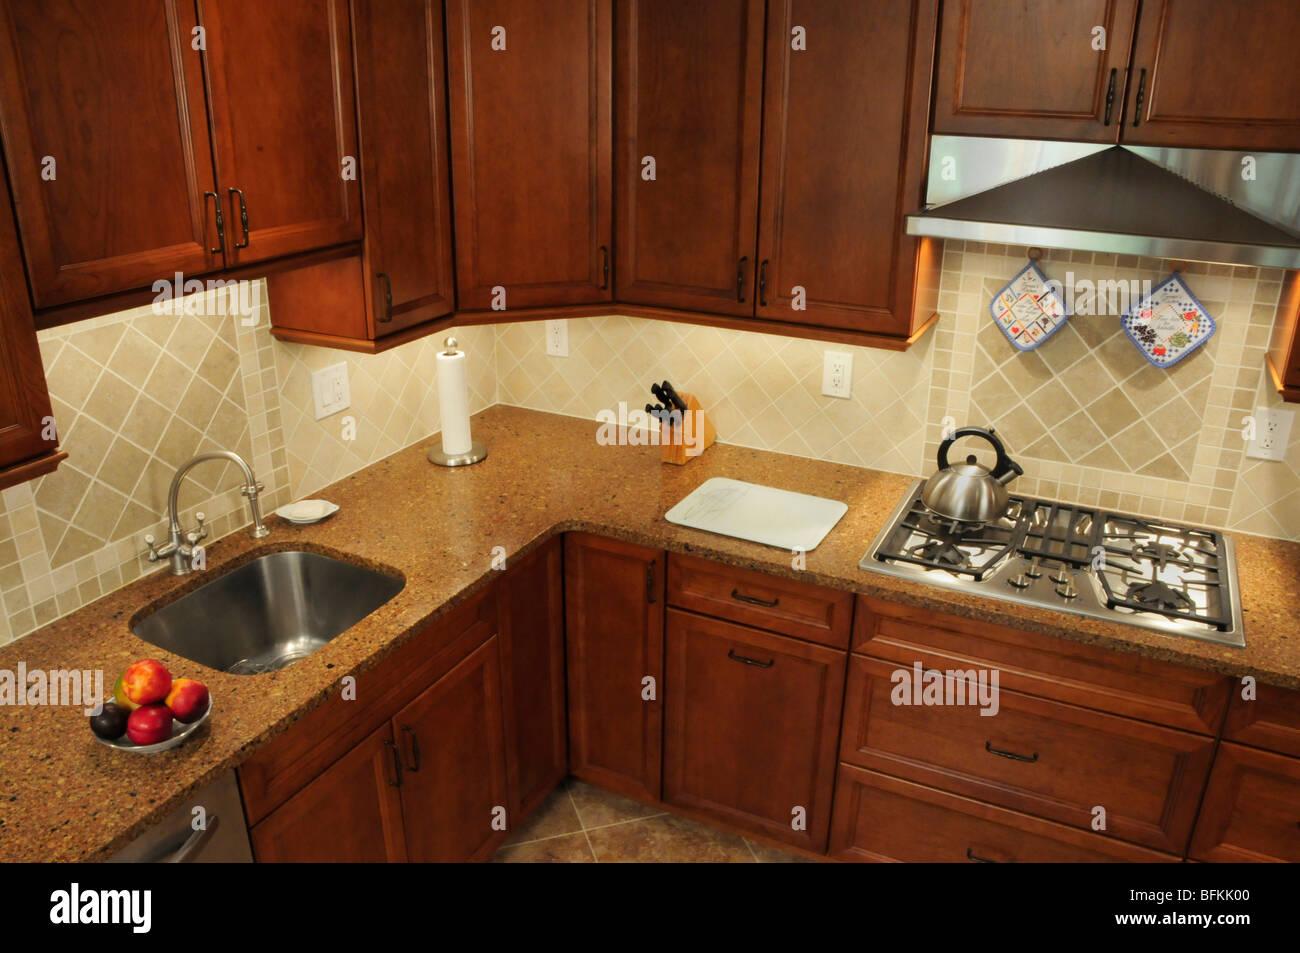 Arbeitsbereich in einem umgebauten Küche aus einem hohen Winkel Stockbild